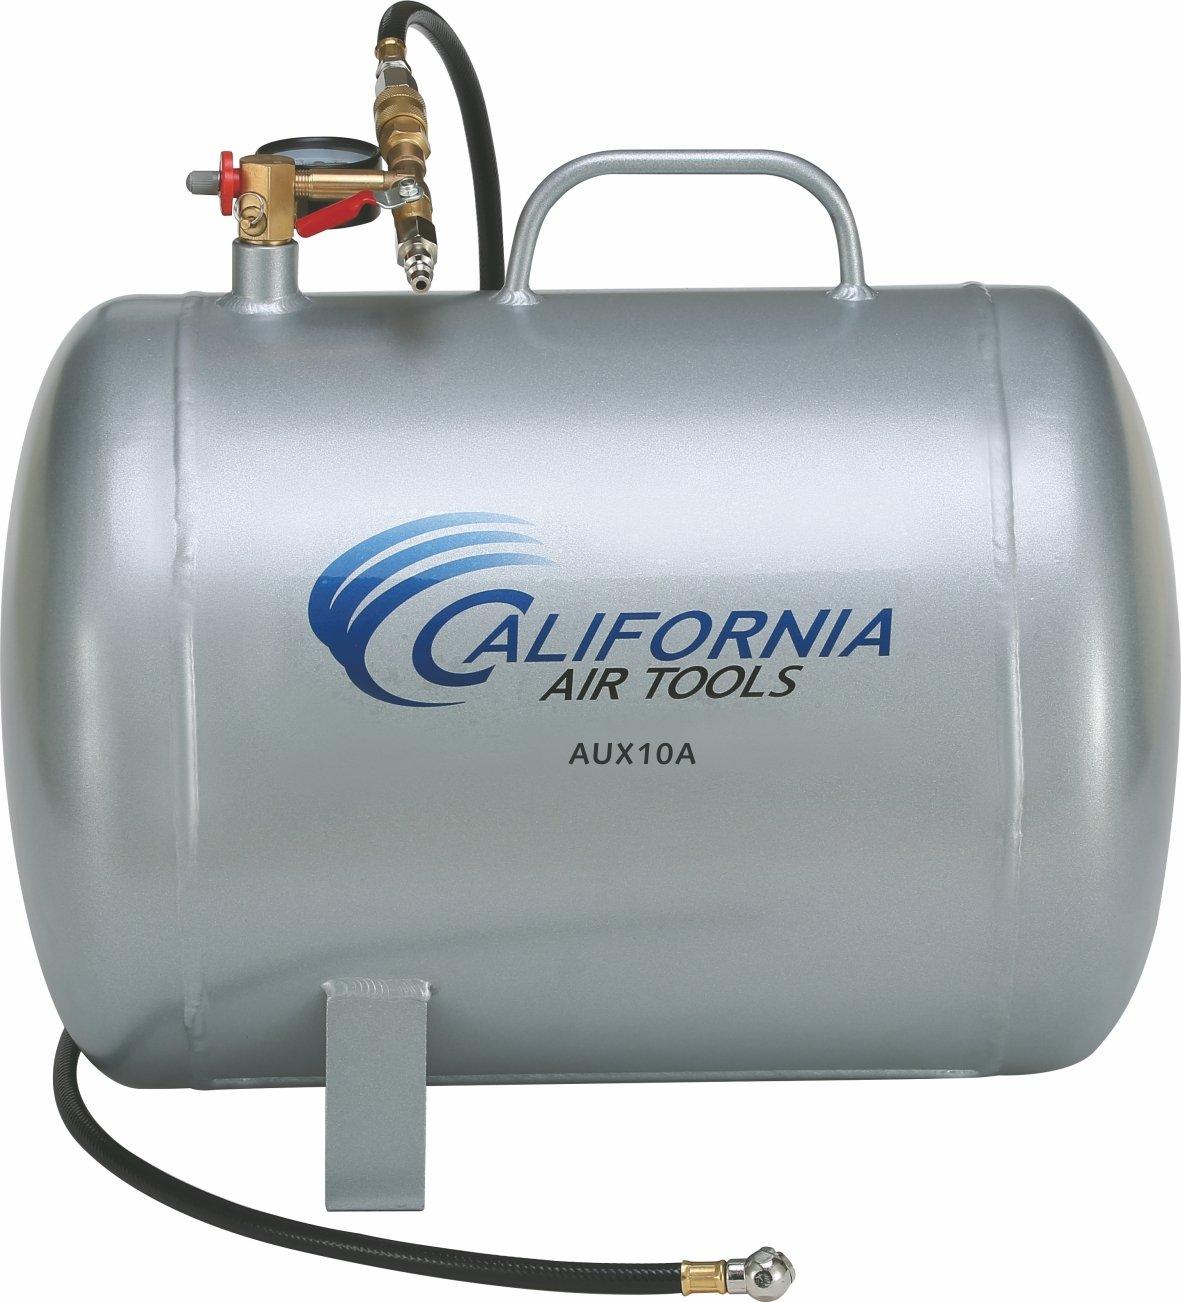 California Air Tools CAT-AUX10A 10 gallon Lightweight Portable Aluminum Air Tank, Silver